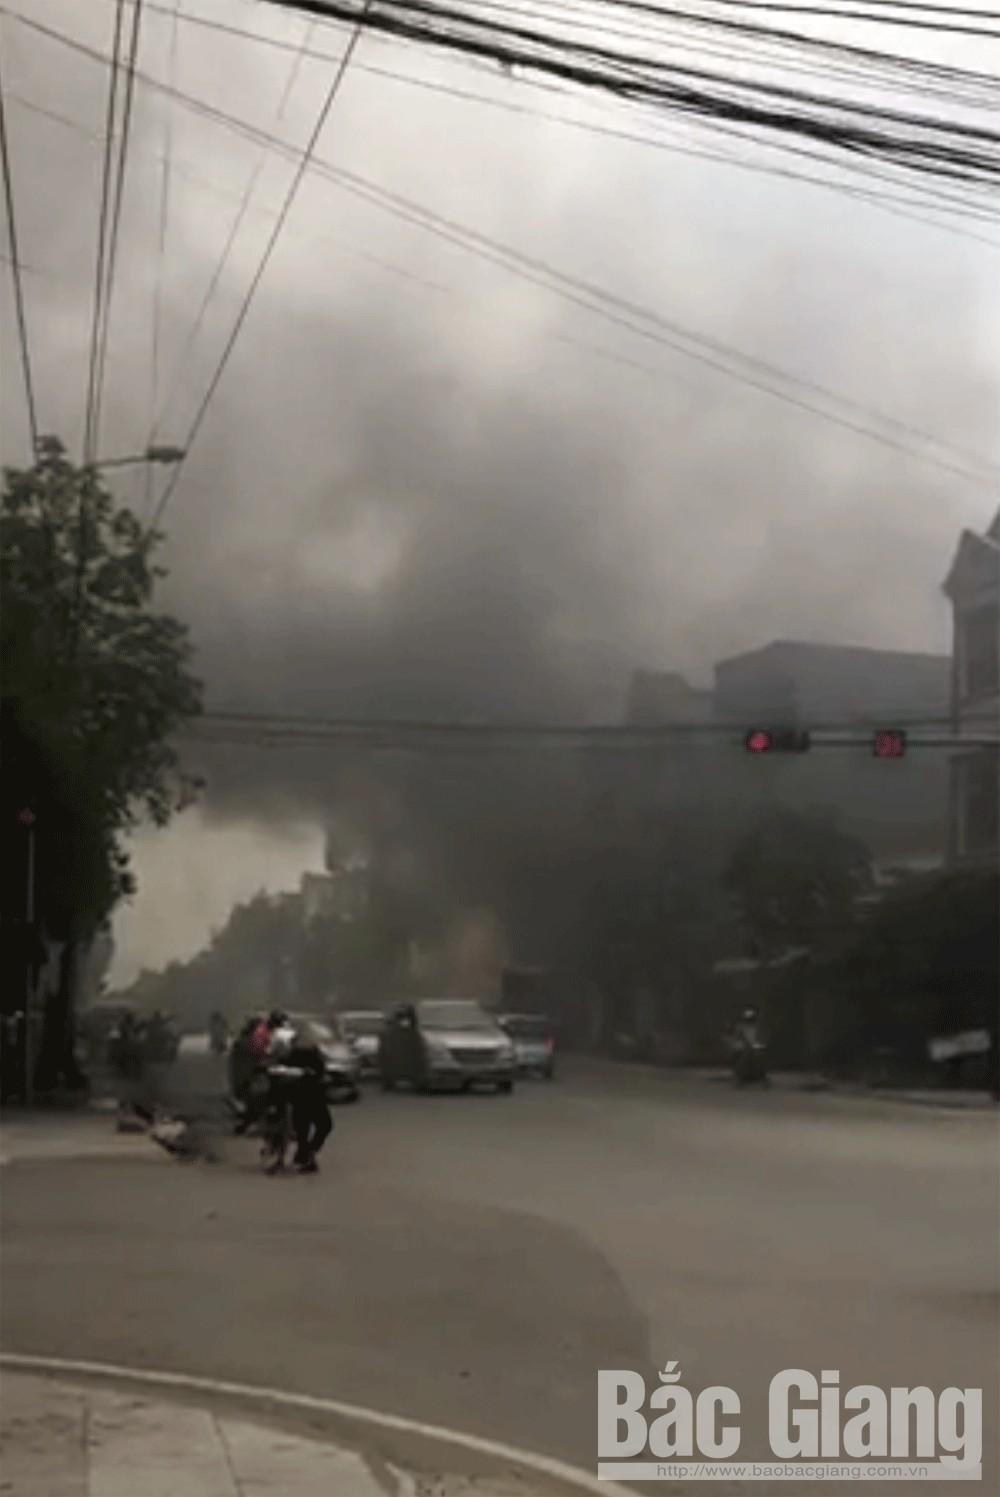 Bích Sơn, Việt Yên, Bắc Giang, cháy, xốp cách âm